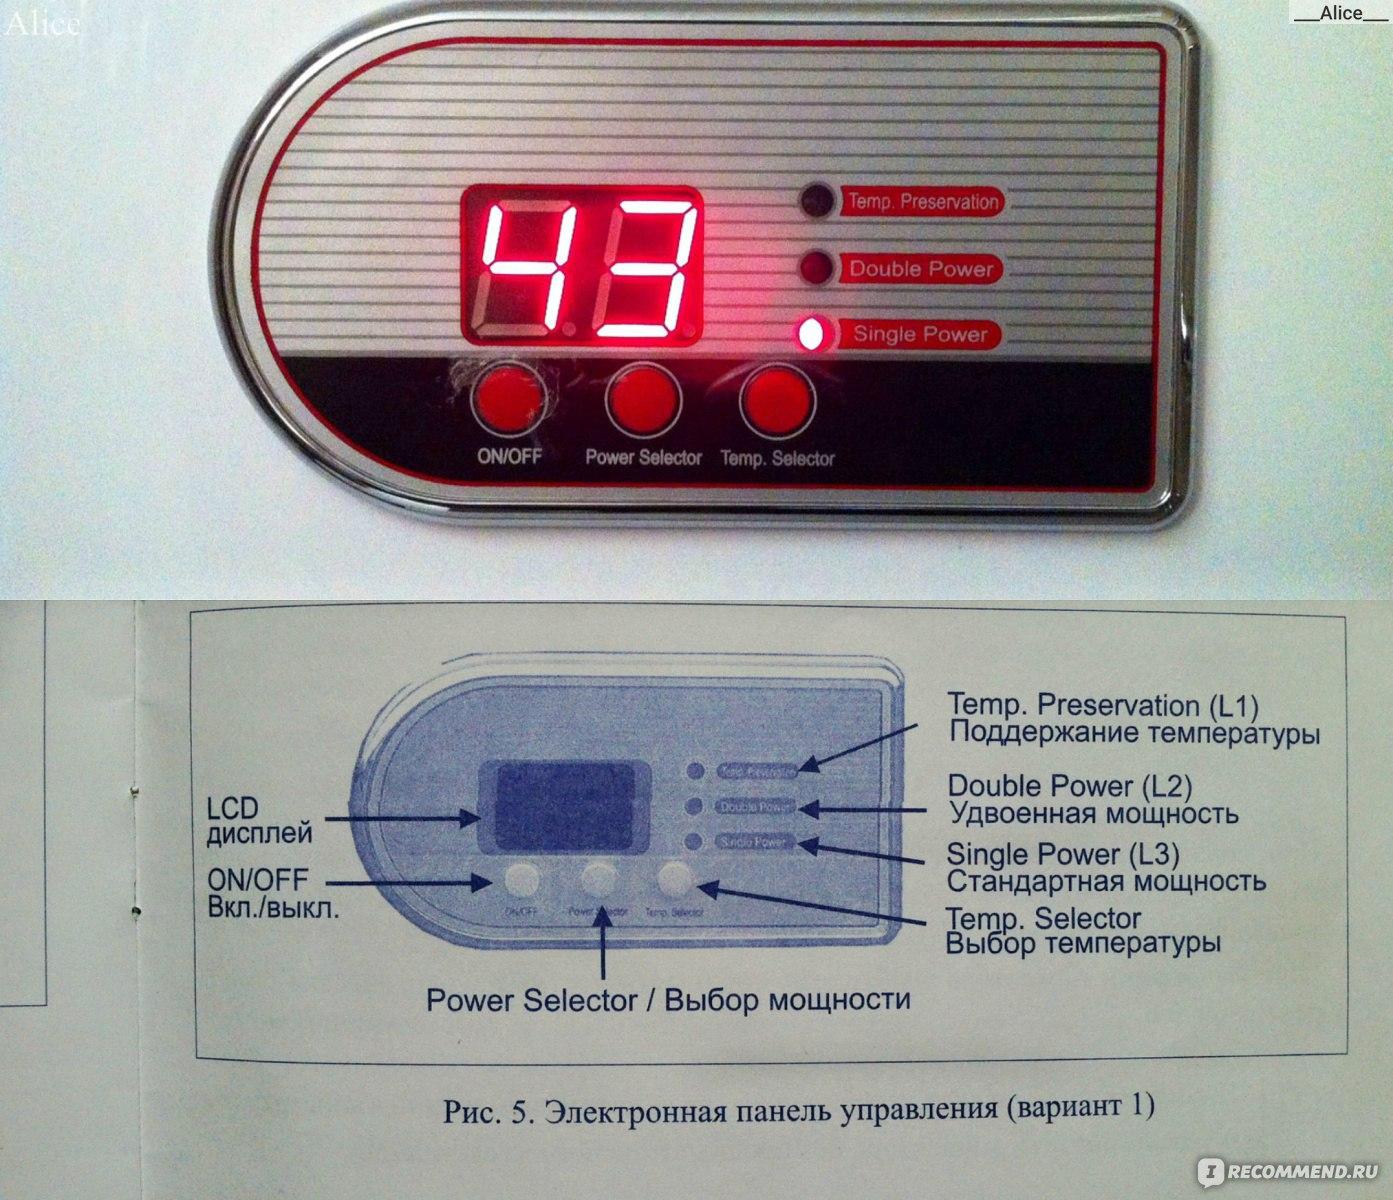 Как включить водонагреватель термекс и аристон, особенности каждого